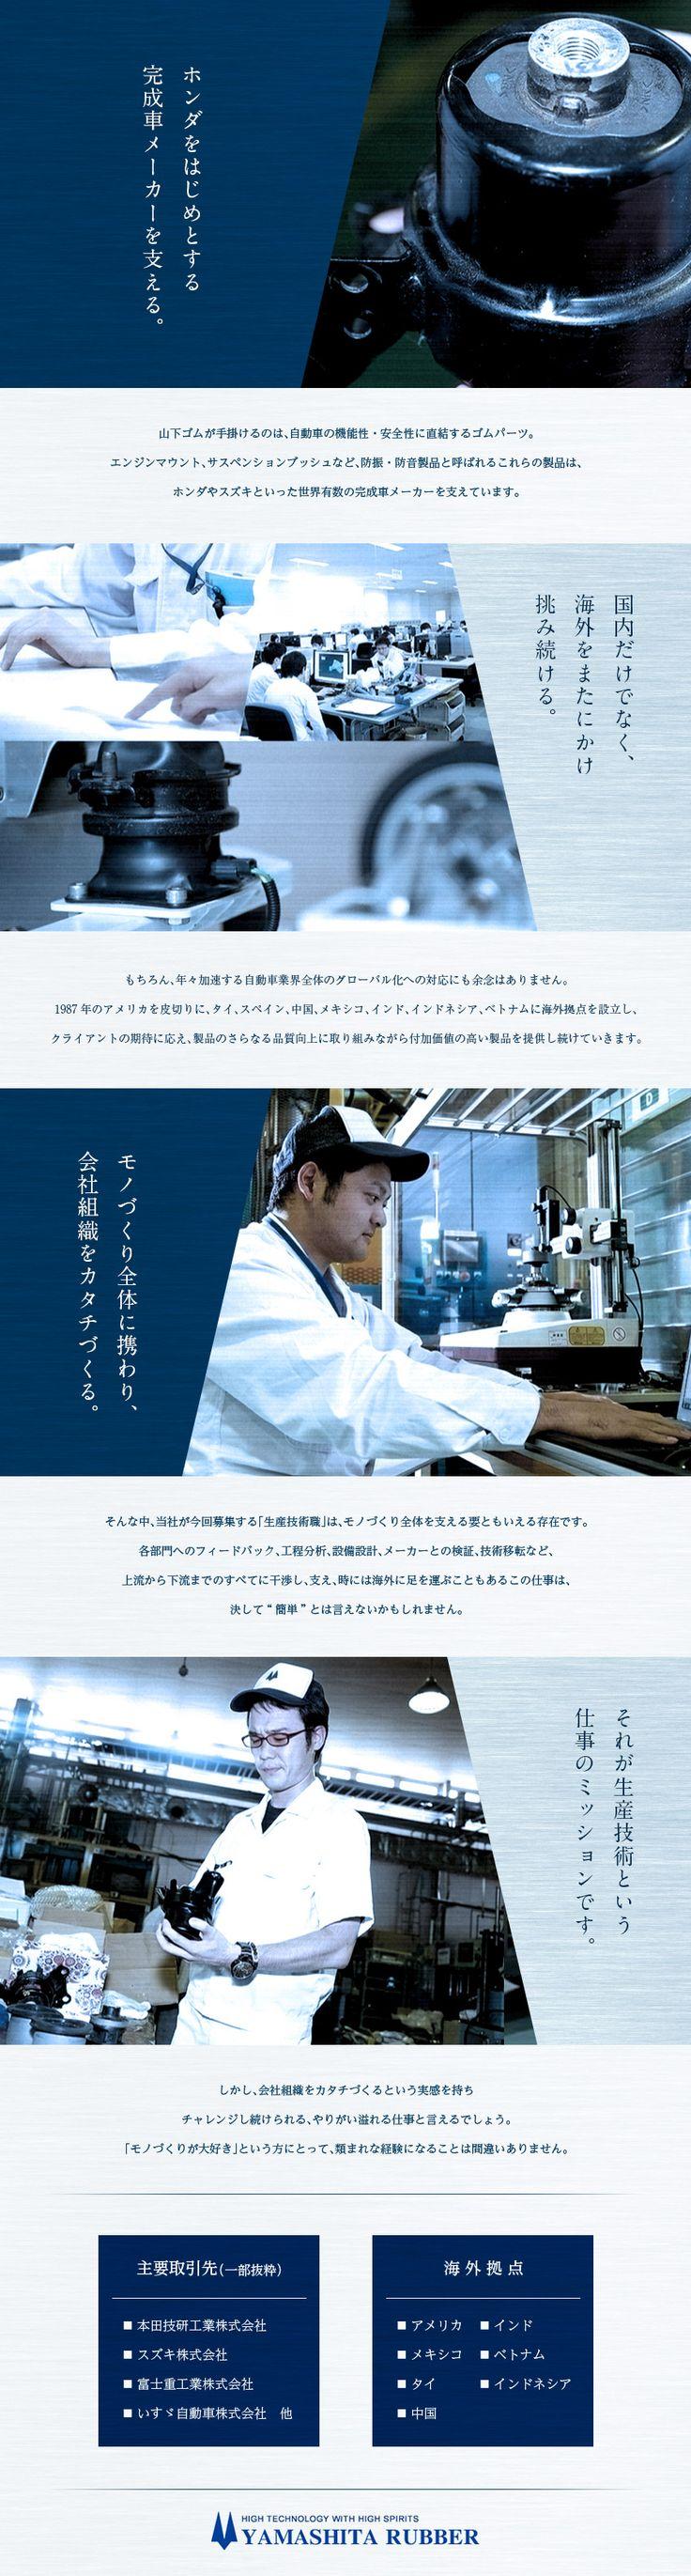 山下ゴム株式会社/自動車部品メーカーの生産技術/週休2日・賞与年2回の求人PR - 転職ならDODA(デューダ)